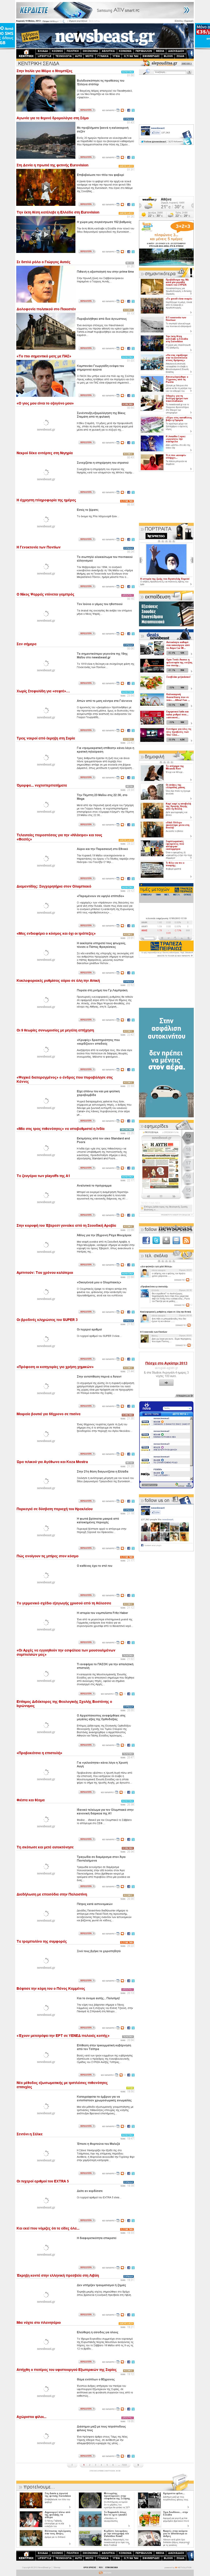 News Beast at Sunday May 19, 2013, 1:22 a.m. UTC